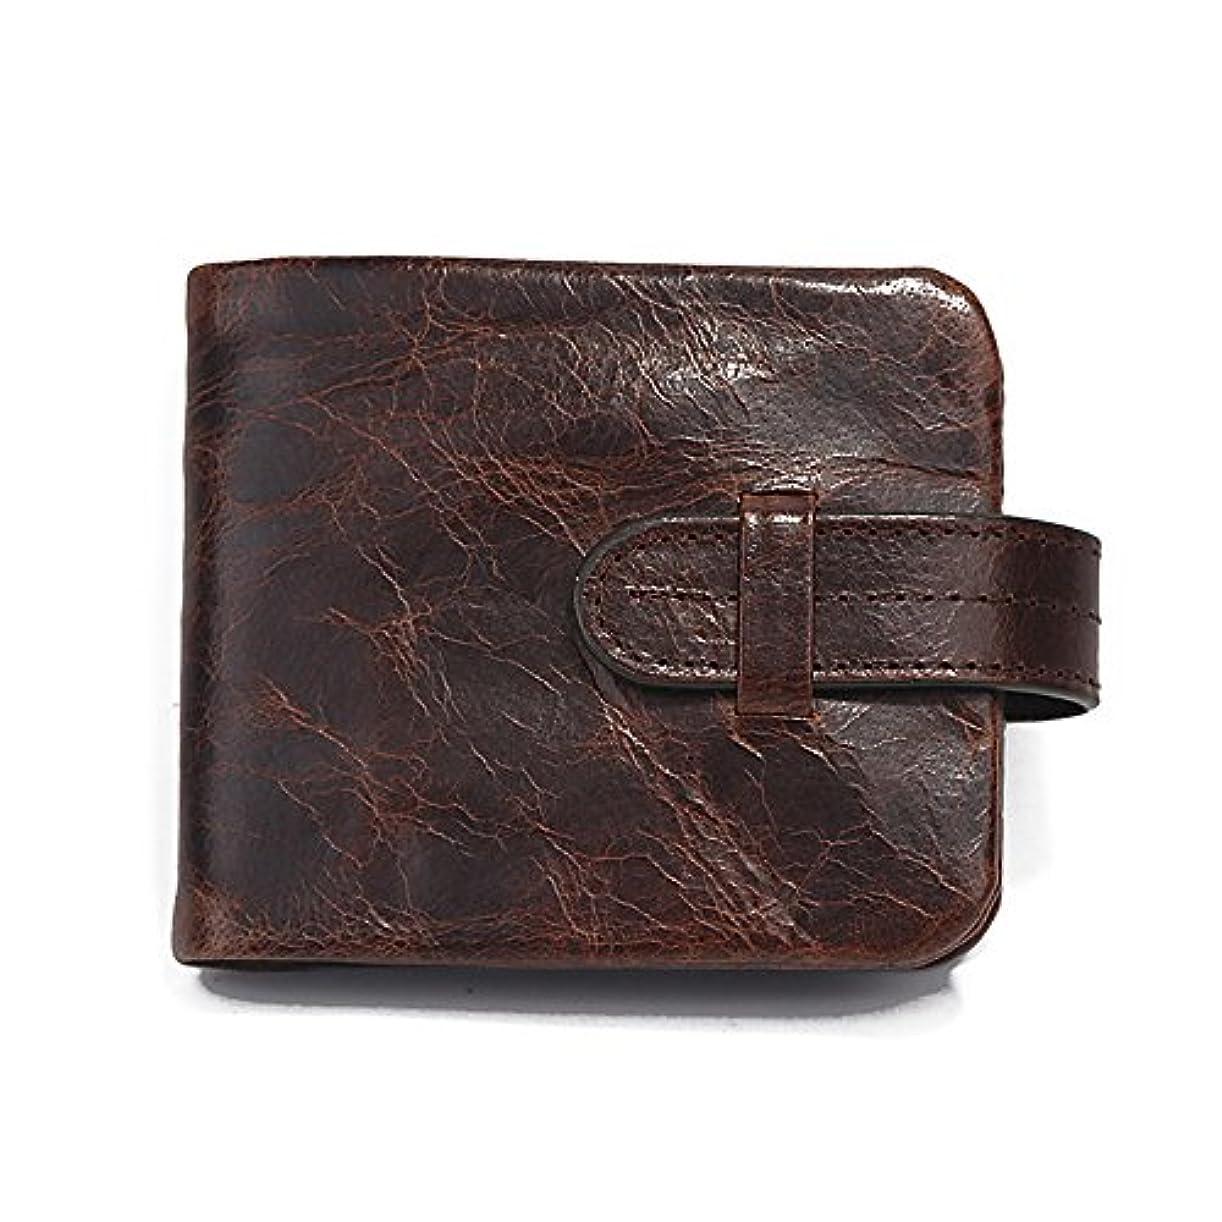 病気のオーバーフロープラグ(ハンフウ) HUMGFENG メンズ財布 二つ折り財布 メンズウォレット ラウンドファスナー カジュアル 本革 札入れ 小銭入れ カード入れ 男性 レトロ 軽量 柔らかい プレゼント